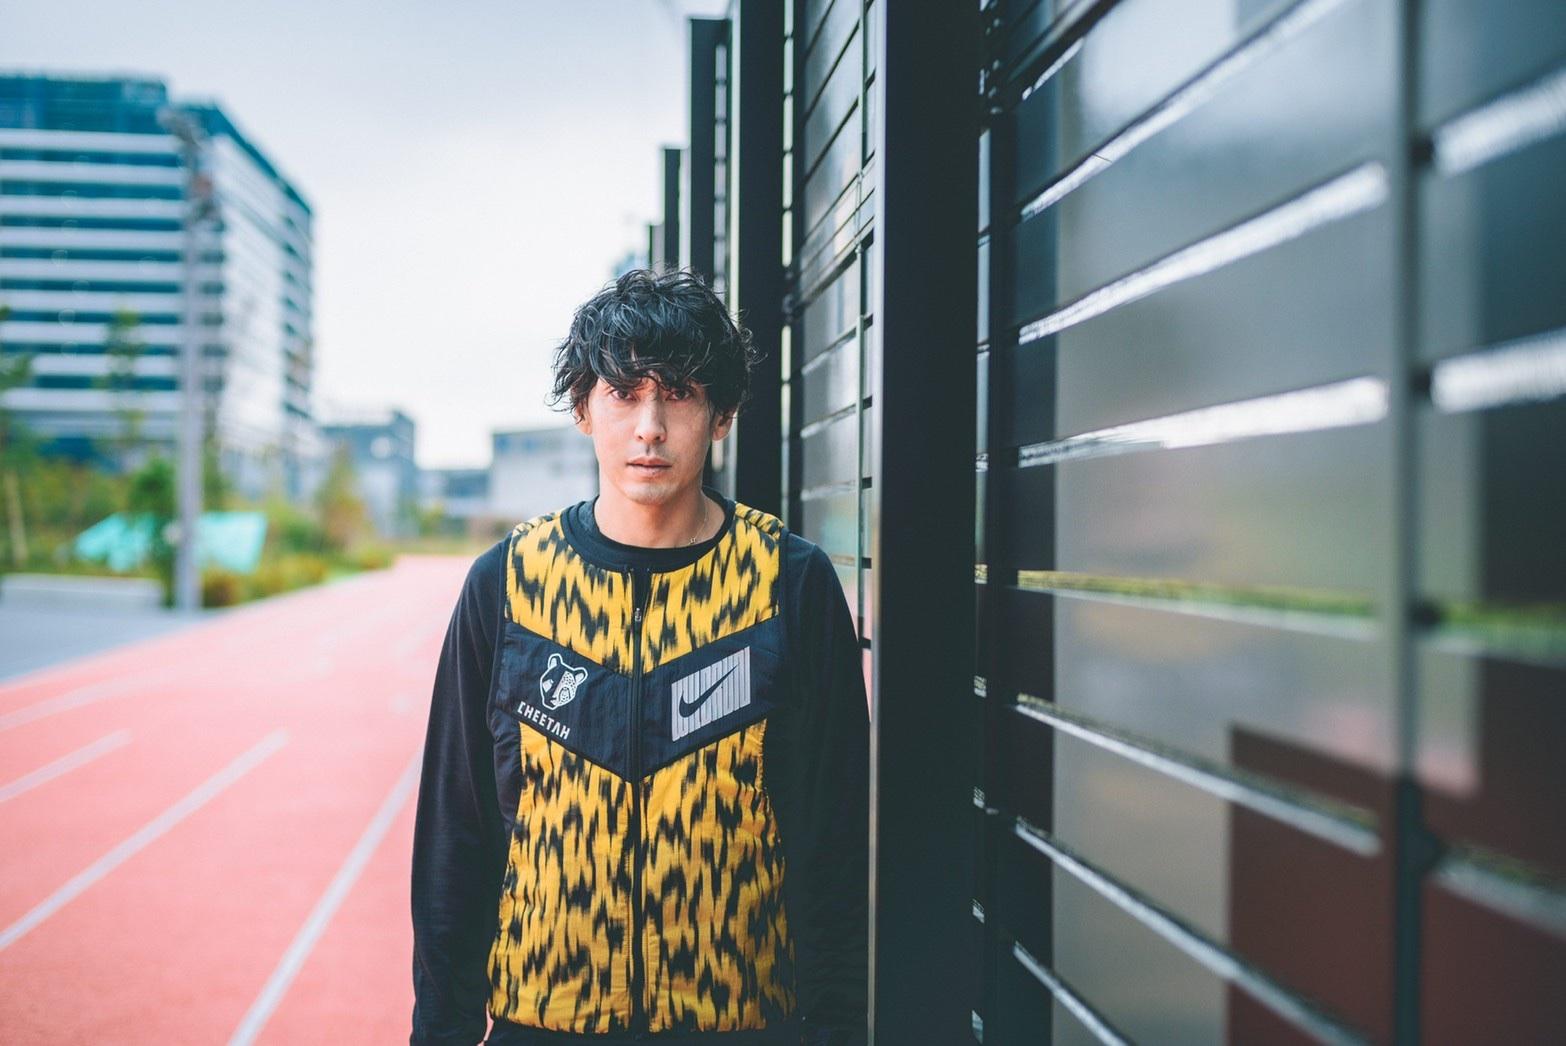 スペシャルコンテンツ 秋本真吾 SHINGO AKIMOTO Vol.3「子どもが塾に行くように、走りを変えることを文化にしたい」